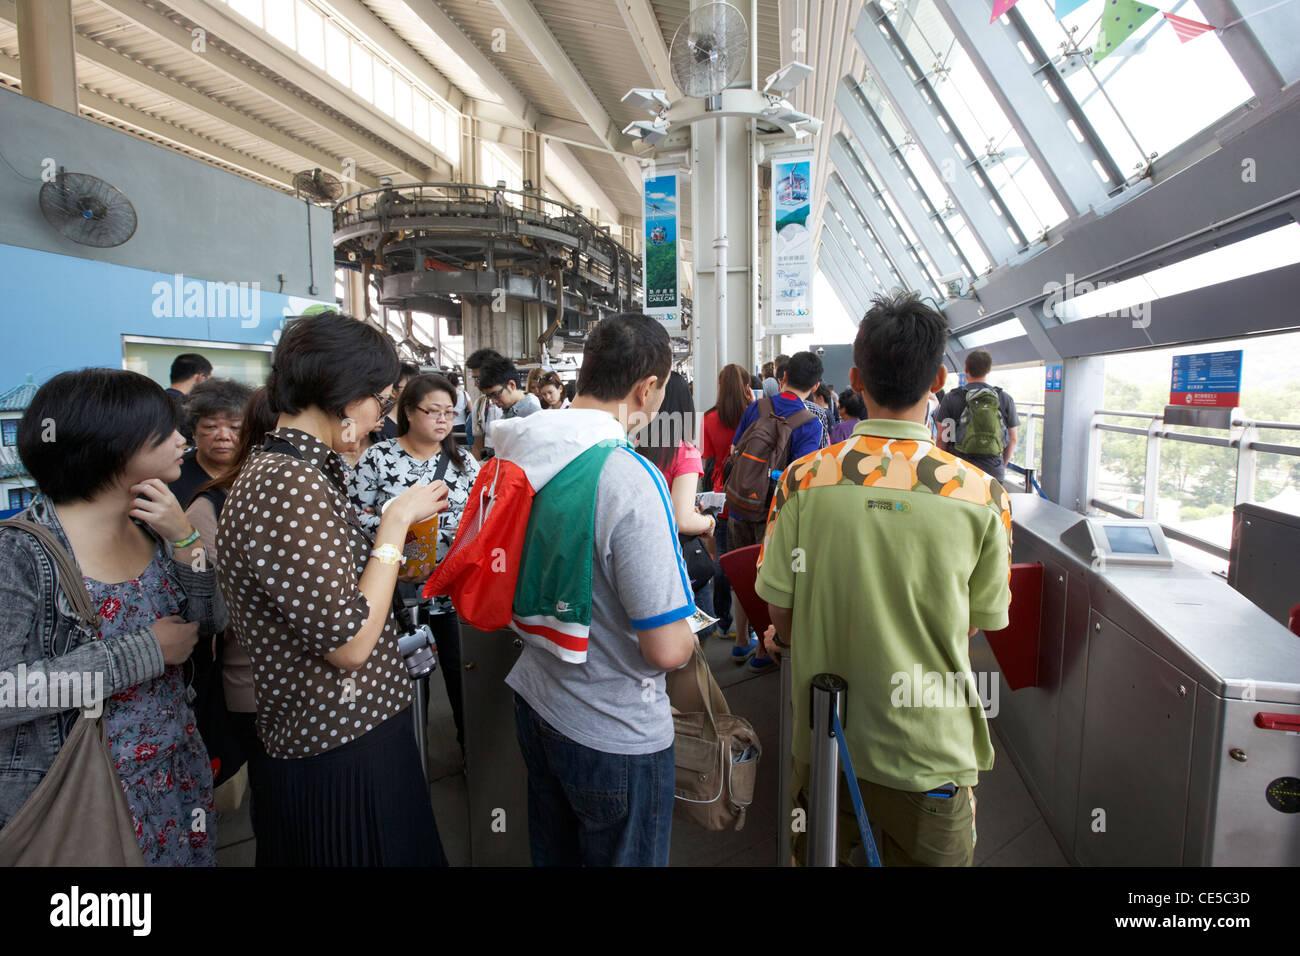 people queuing inside the ngong ping 360 cable car tung chung lantau island hong kong hksar china asia - Stock Image